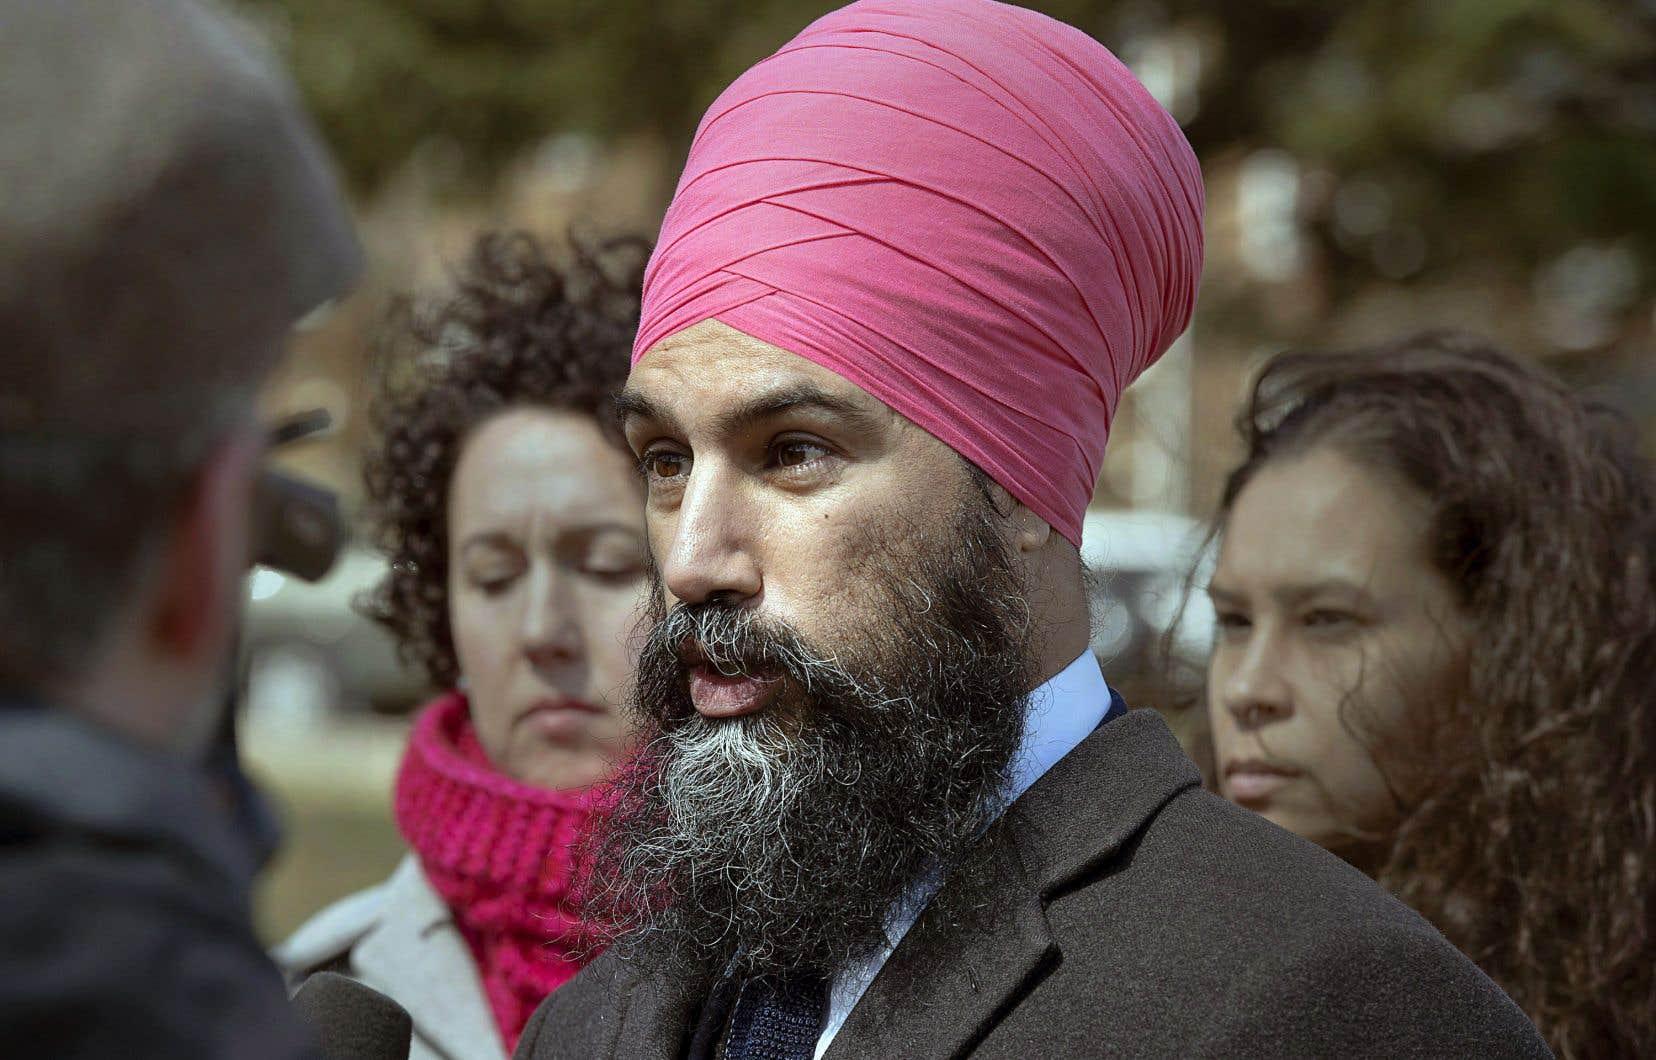 Le chef du Nouveau Parti démocratique, Jagmeet Singh, a raconté qu'il avait été retenu sans motifs à plusieurs reprises par les policiers lorsqu'il était plus jeune.